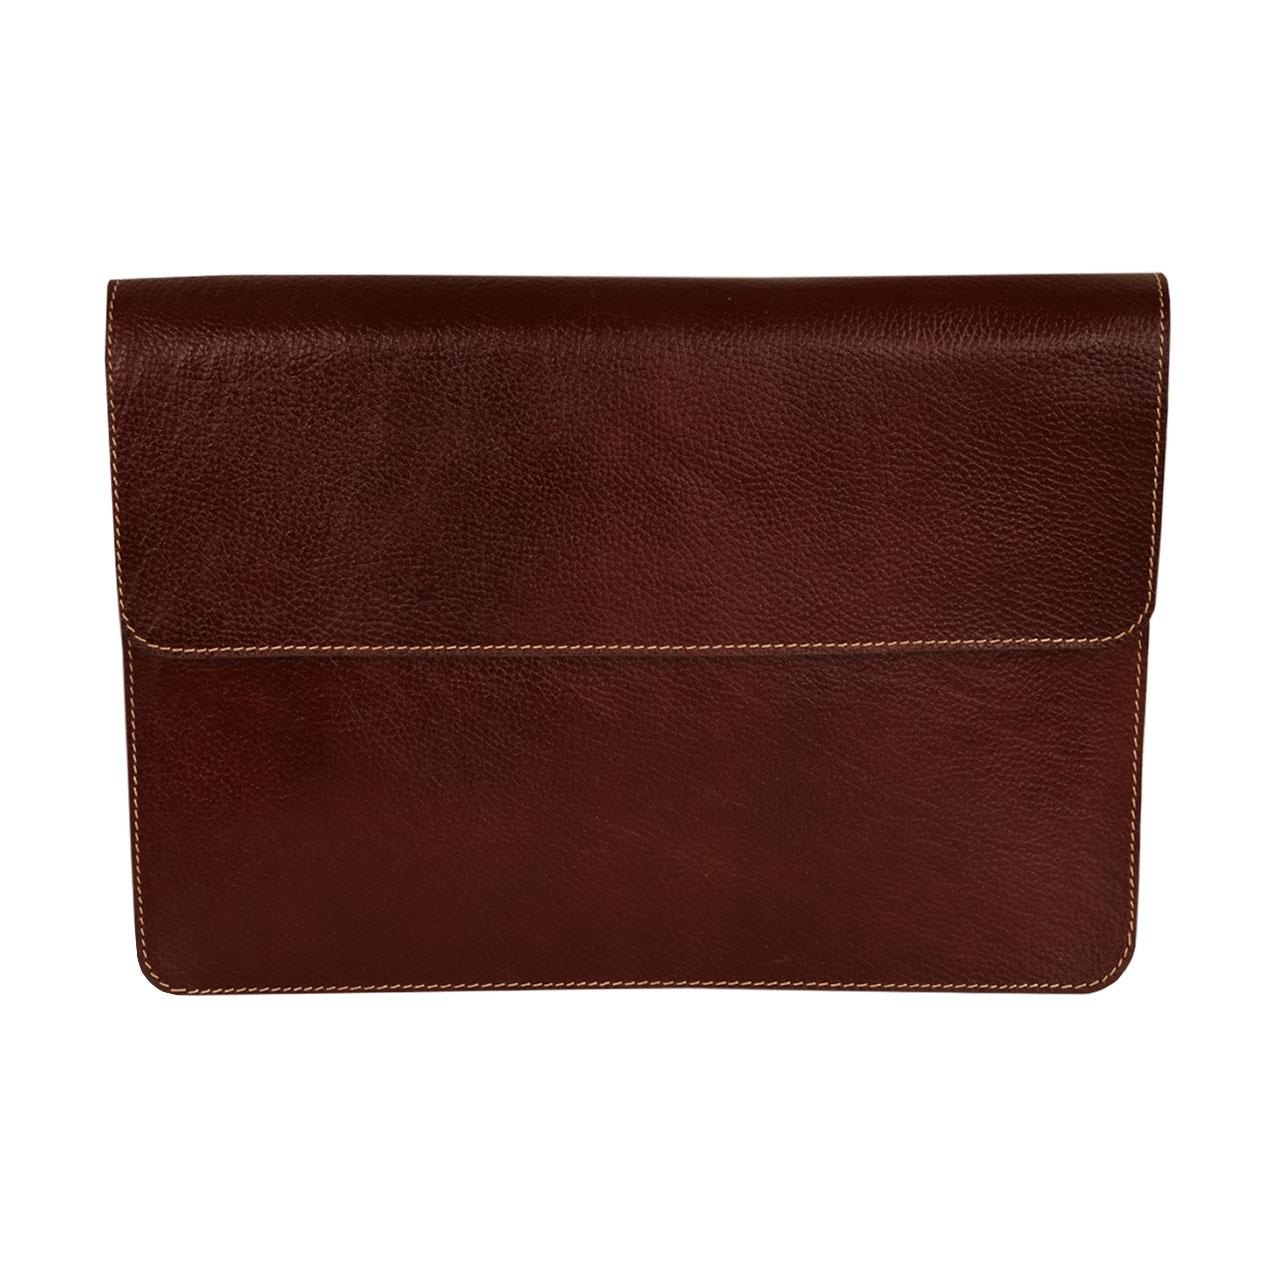 کیف دستی مردانه پارینه مدل PF45-12